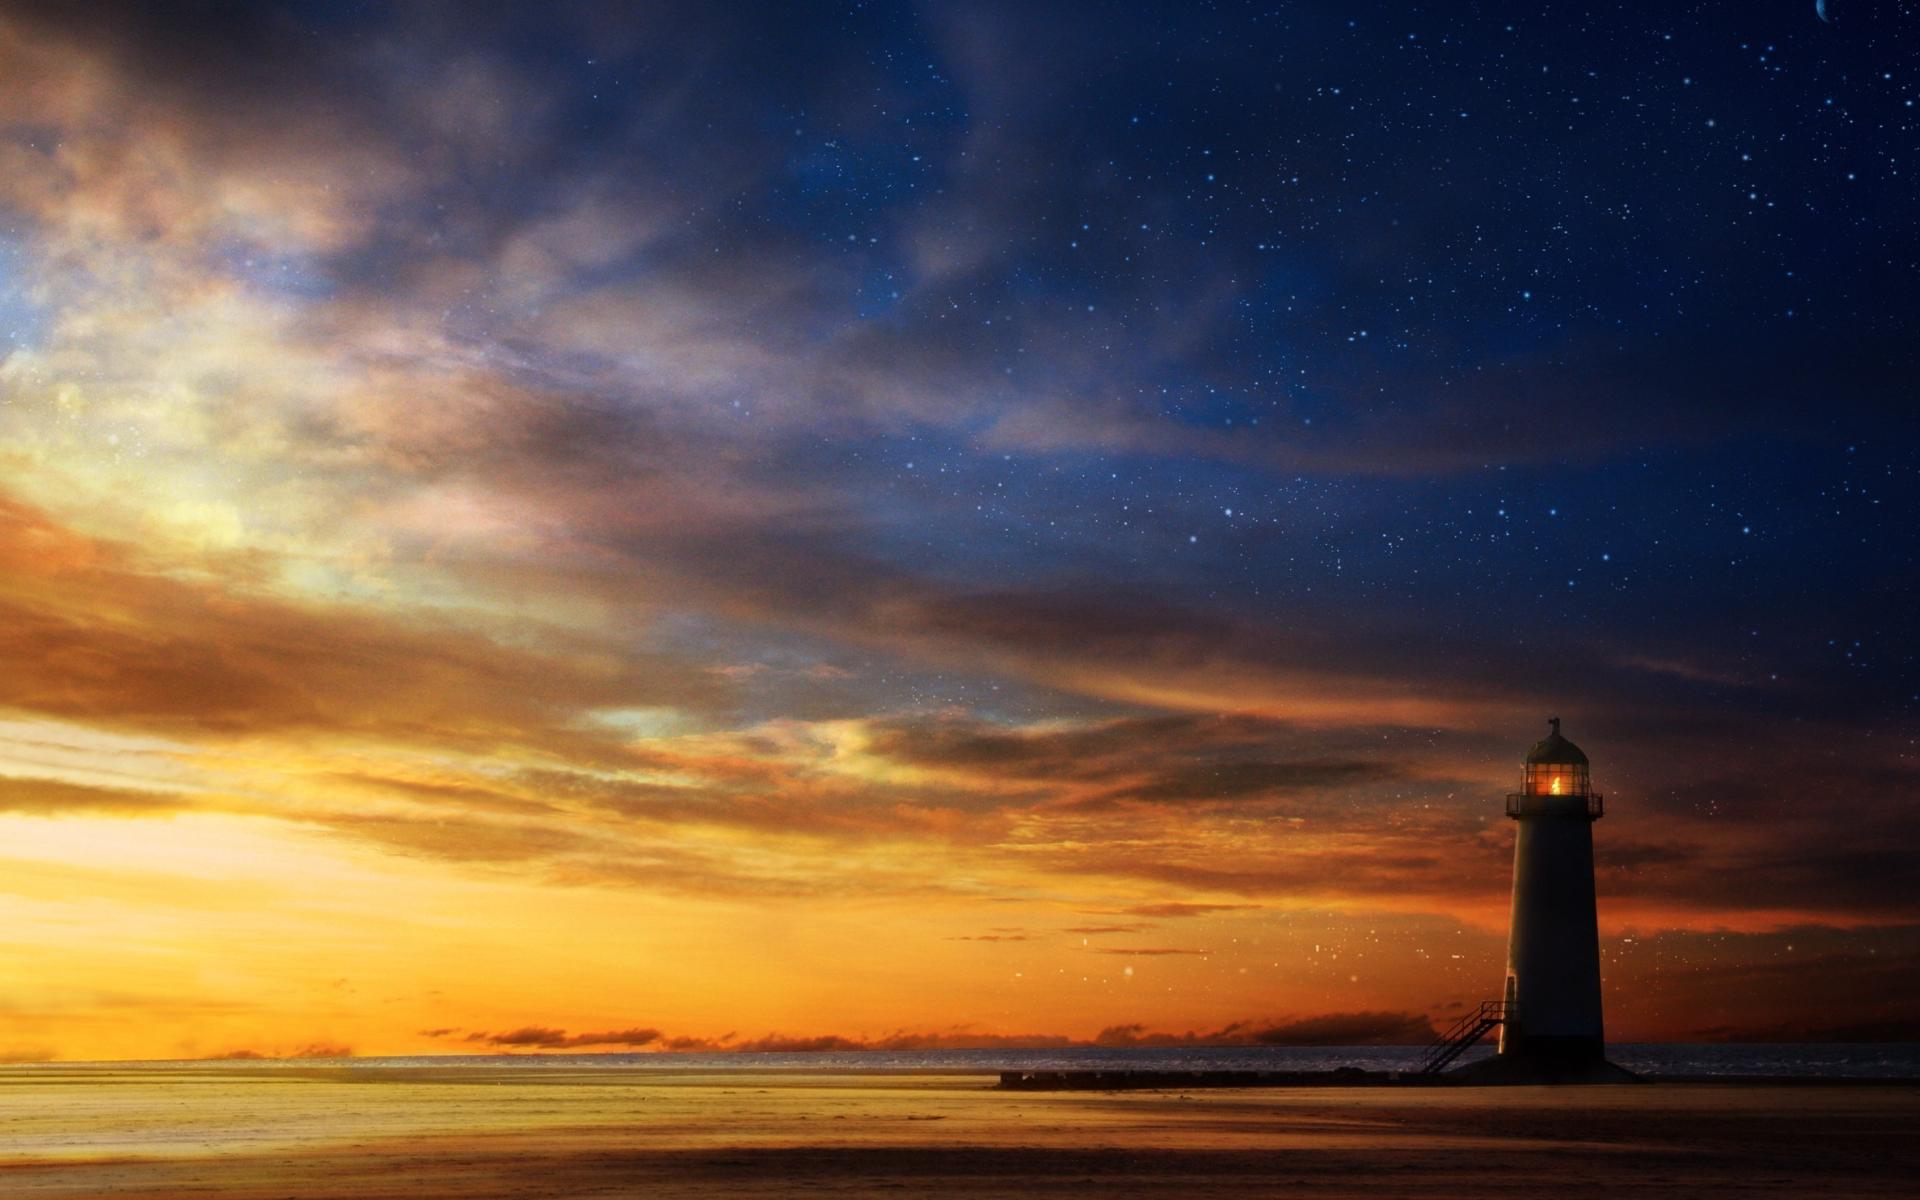 Lighthouse sunset sky